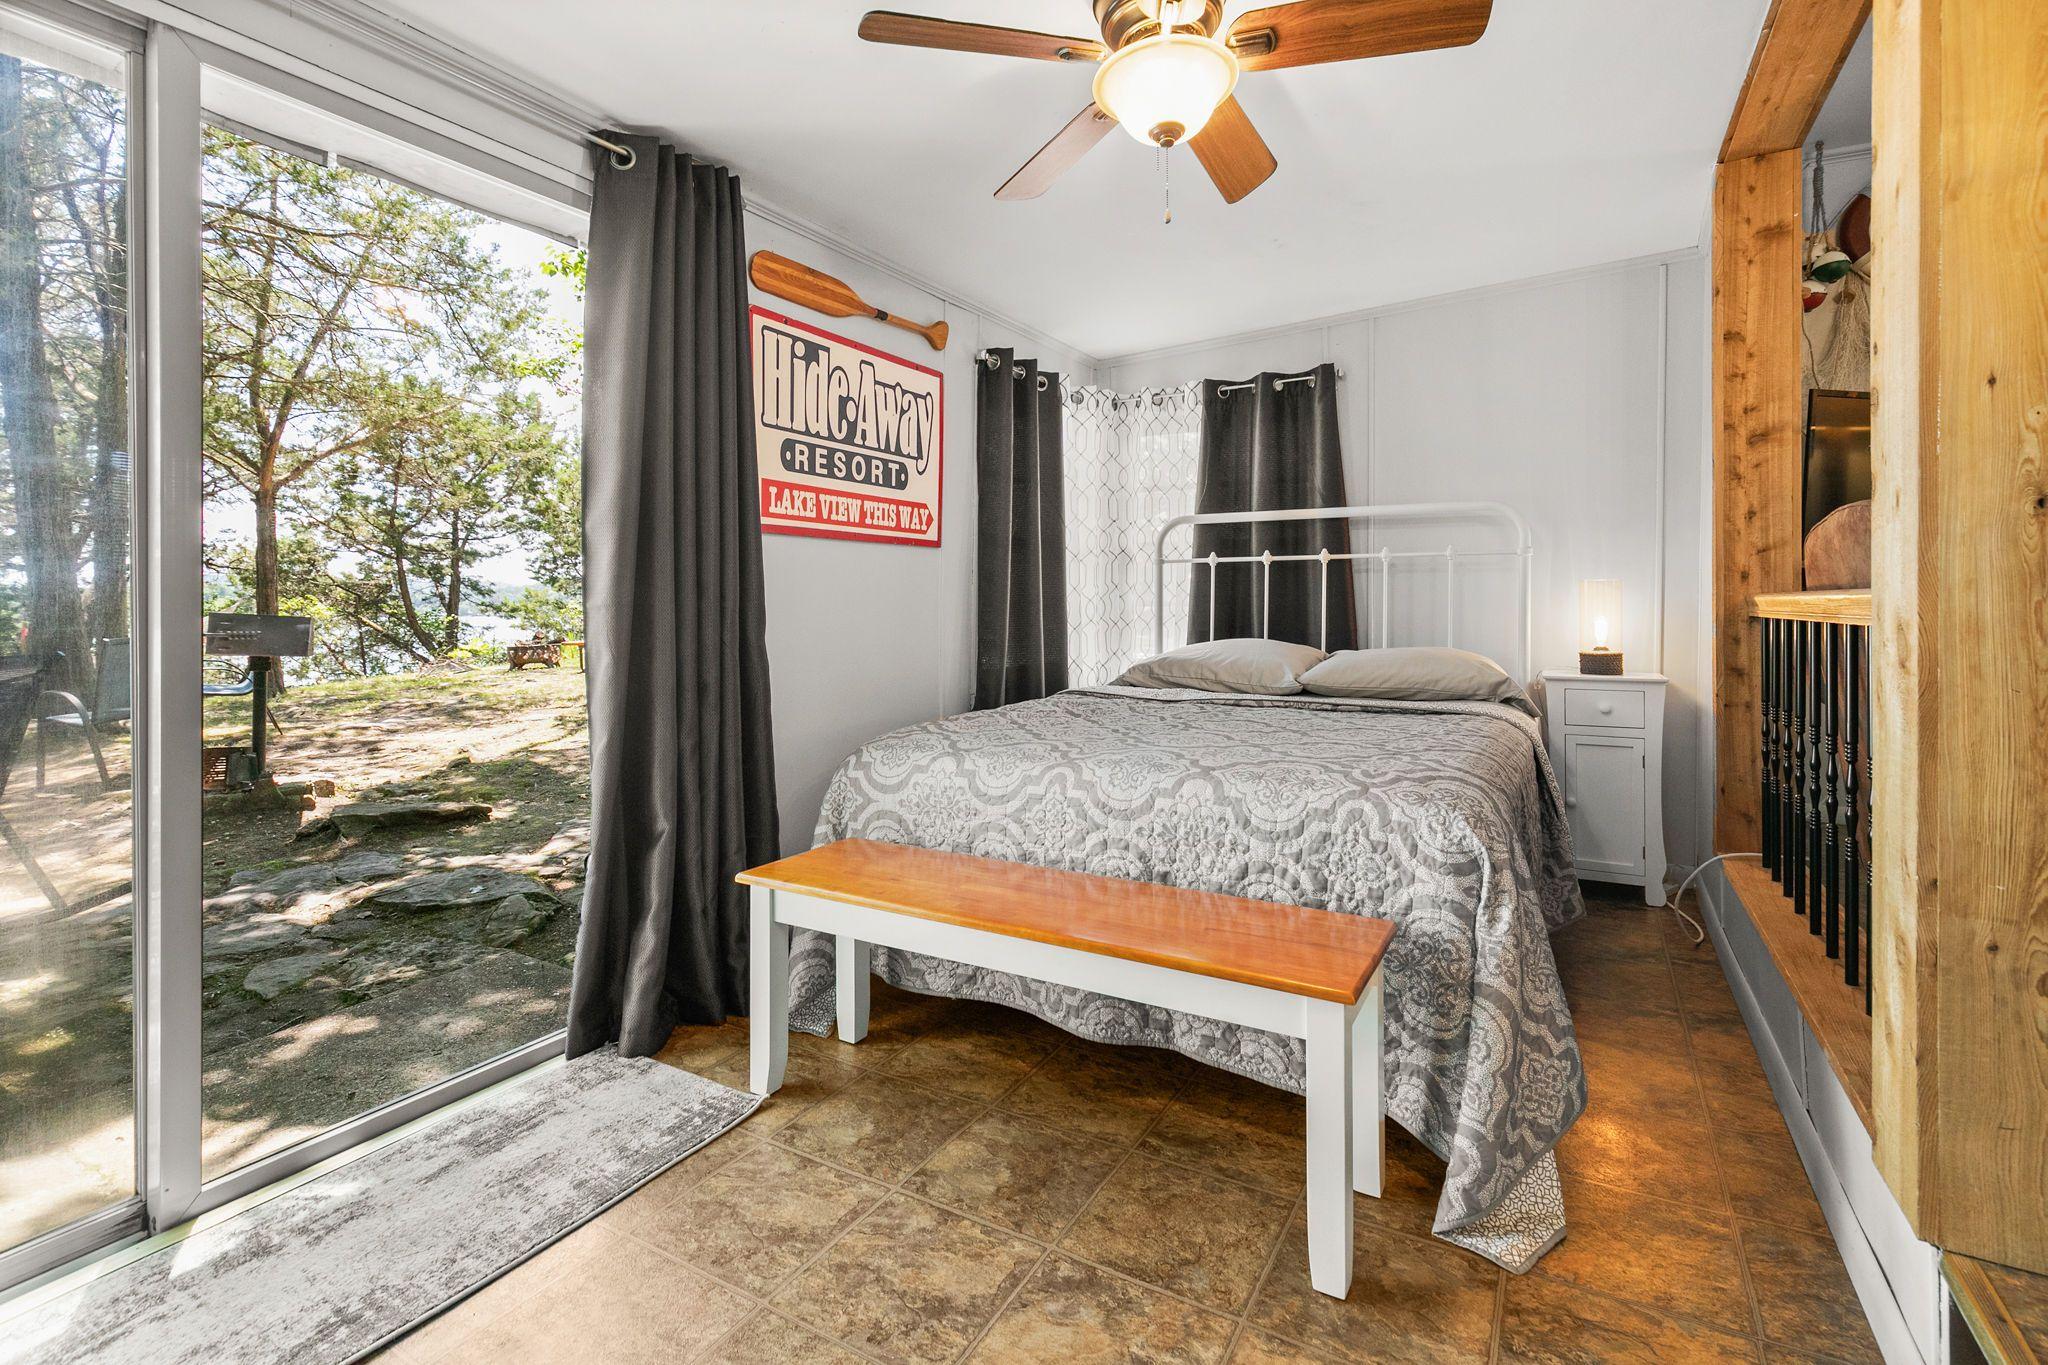 Hideaway Resort Cottage